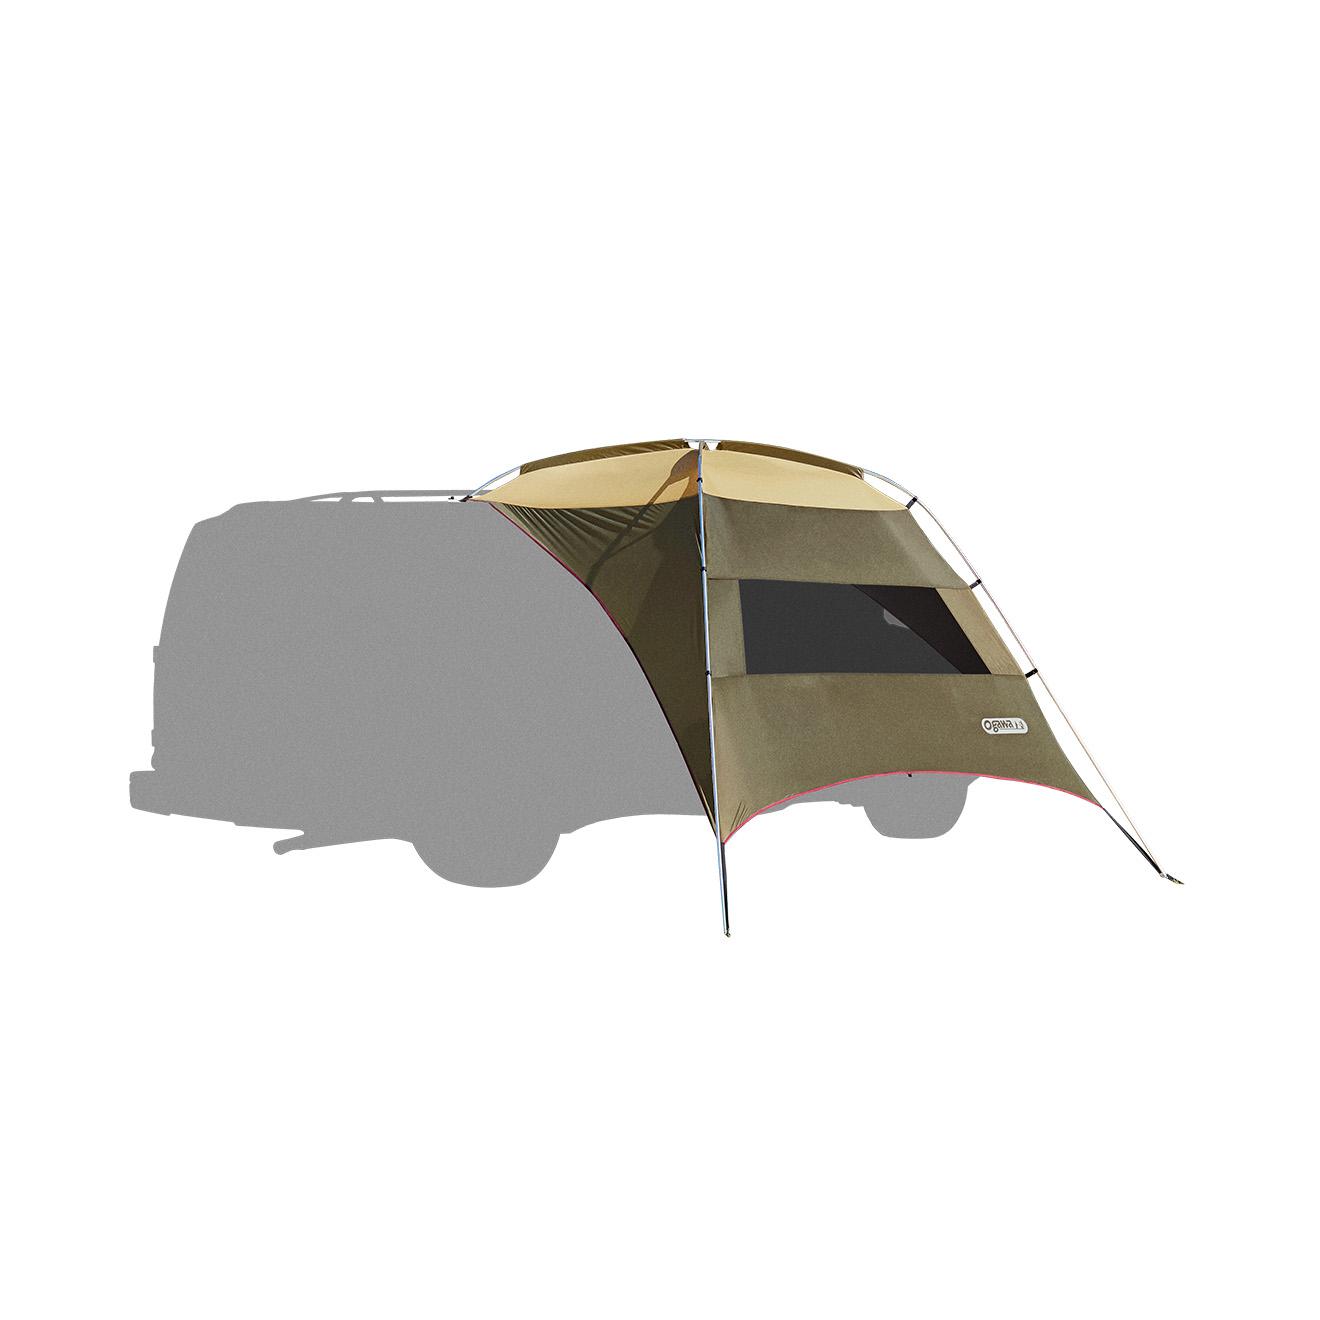 ogawa campal(小川キャンパル) カーサイドタープAL/ブラウン×サンド×レッド(80) 2332タープ タープ テント カーサイド型 カーサイド型 アウトドアギア